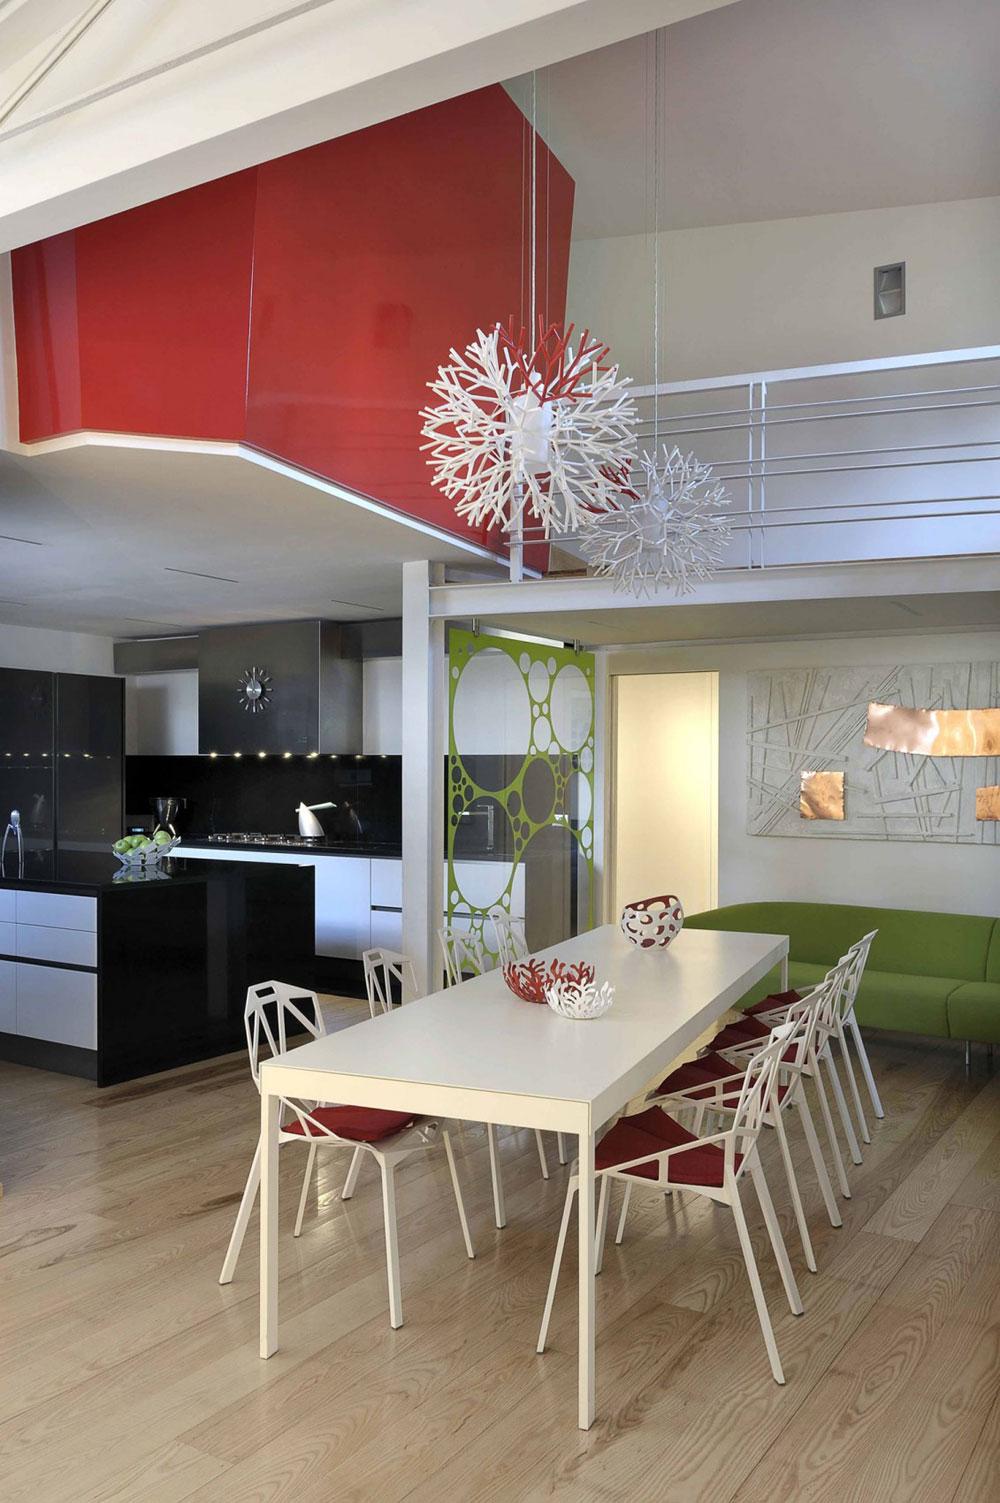 Samtida interiör-design-stilar-att-välja-för-ditt-hem-10 samtida interiör-design-stilar att välja mellan för ditt hem